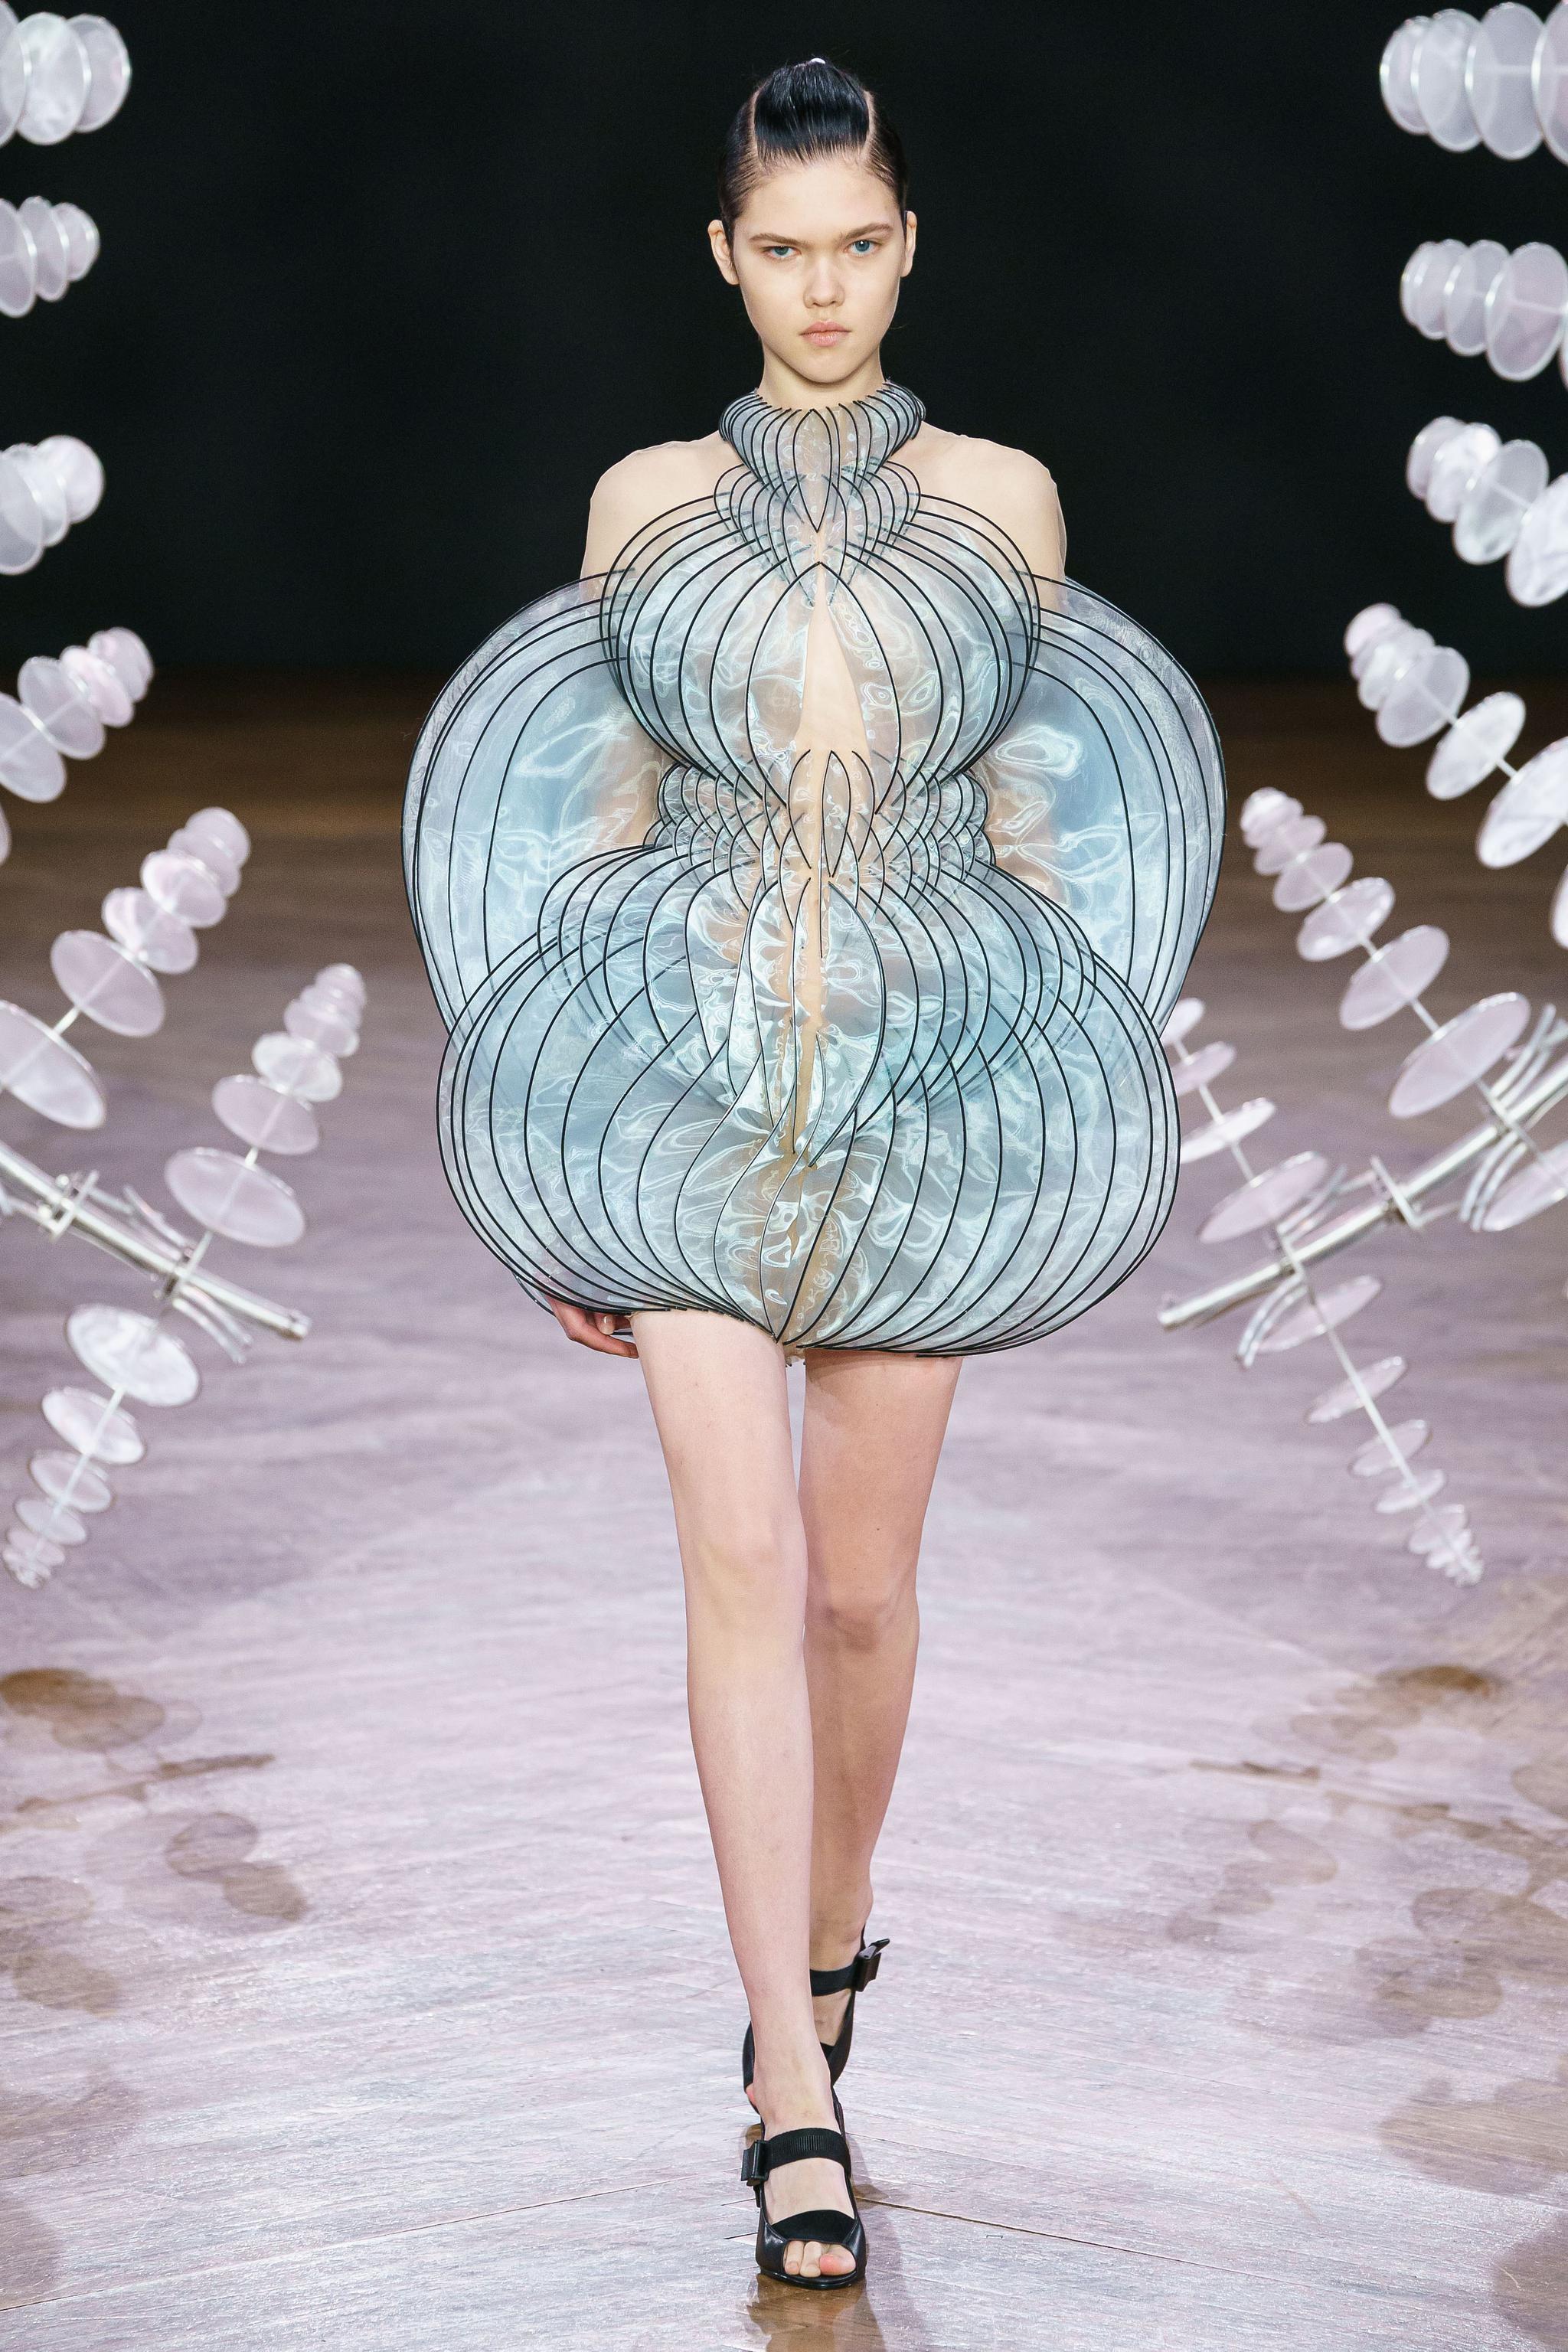 3D打印的裙子到底有多美 科技遇到时尚惊喜不断